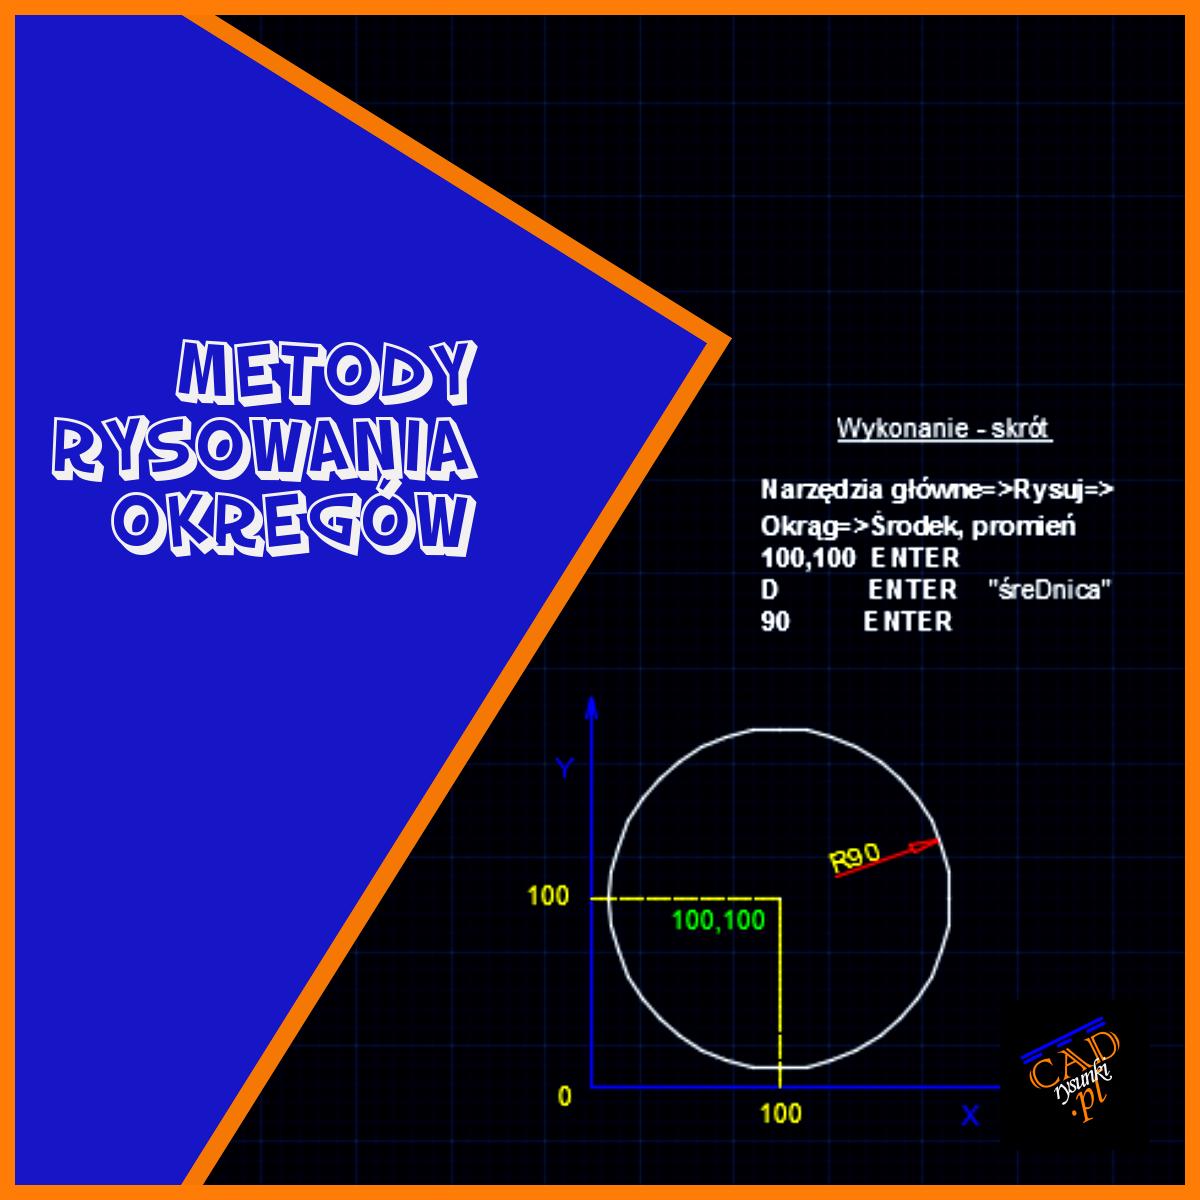 Okrąg w punkcie. Rysujemy okrąg o promieniu 90 umieszczony w punkcie 100,100. Wykonanie krok po kroku.